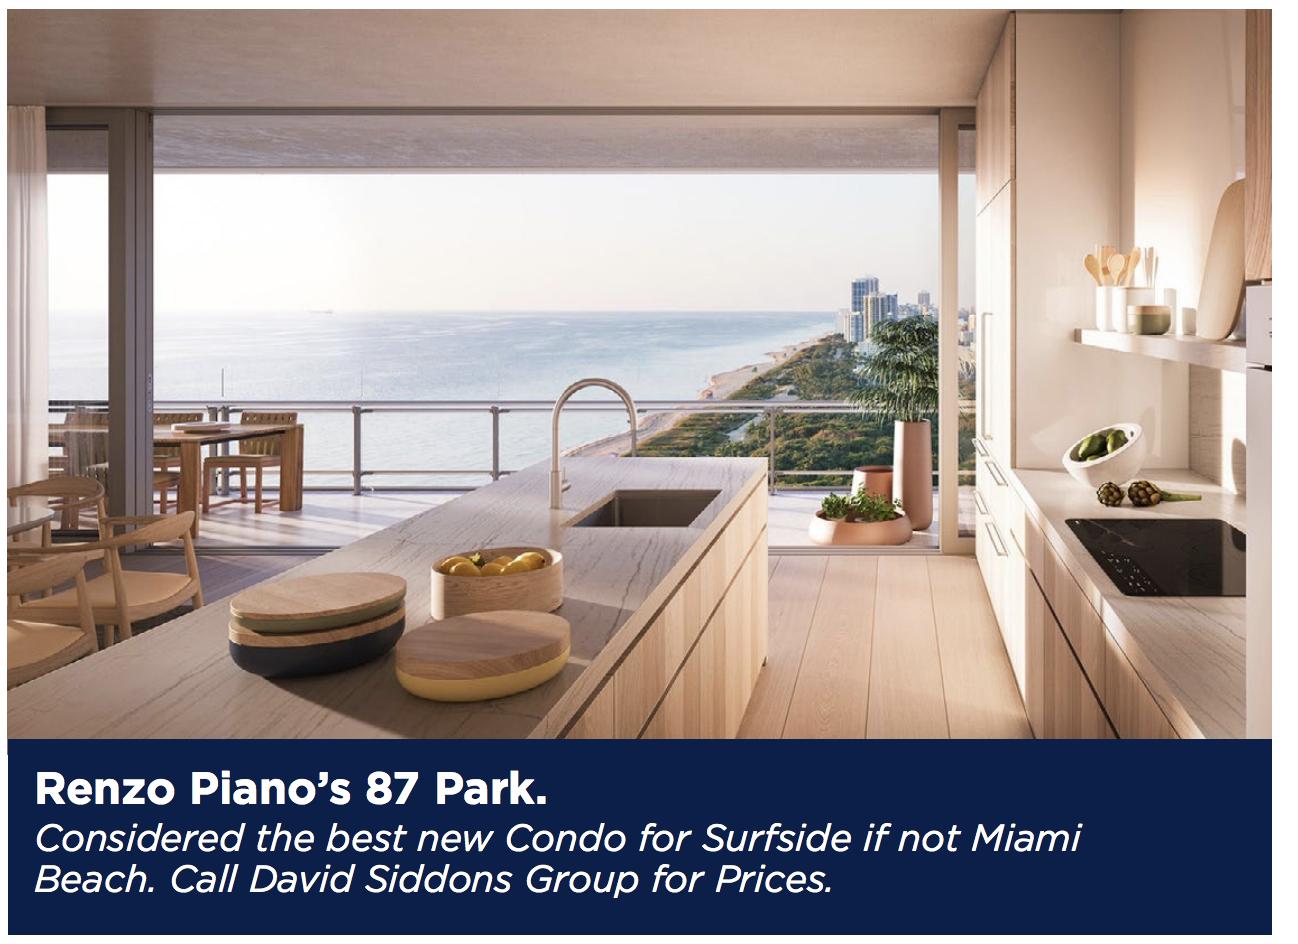 The 2018 Miami Beach Luxury Condo Report